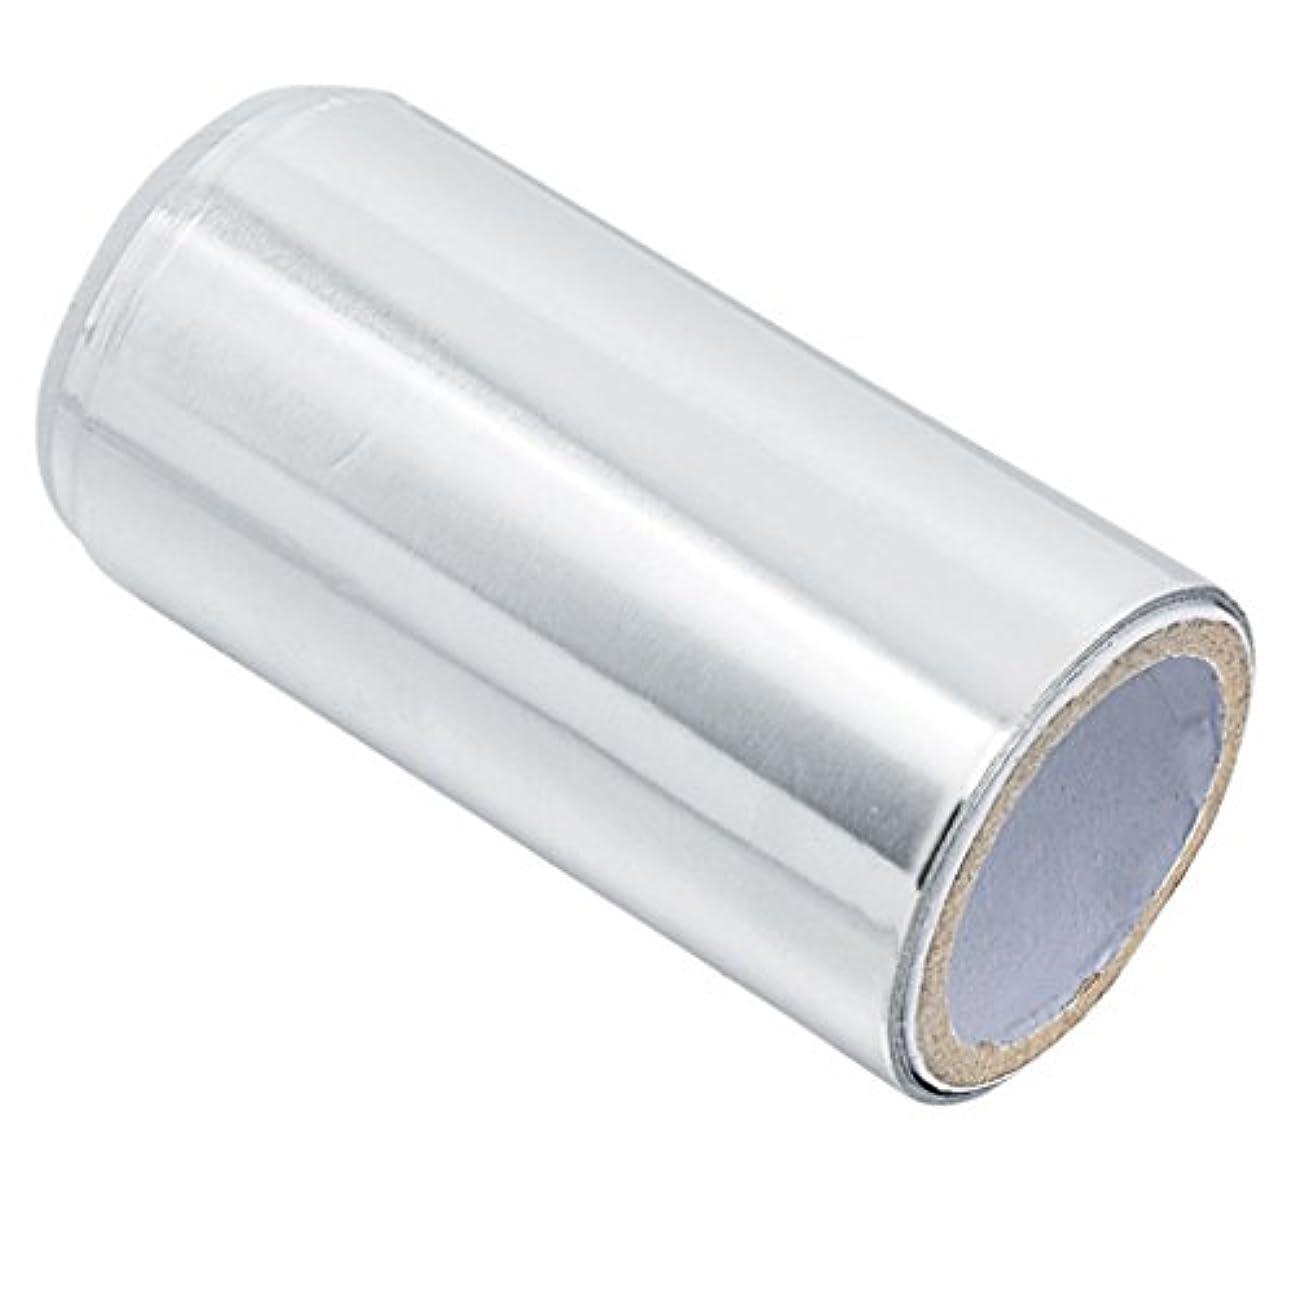 ボード説教算術アルミニウム ヘア/ネイル用 錫箔紙 ネイルアート 爪化粧用具 クリーナーツール ジェル除却 5m